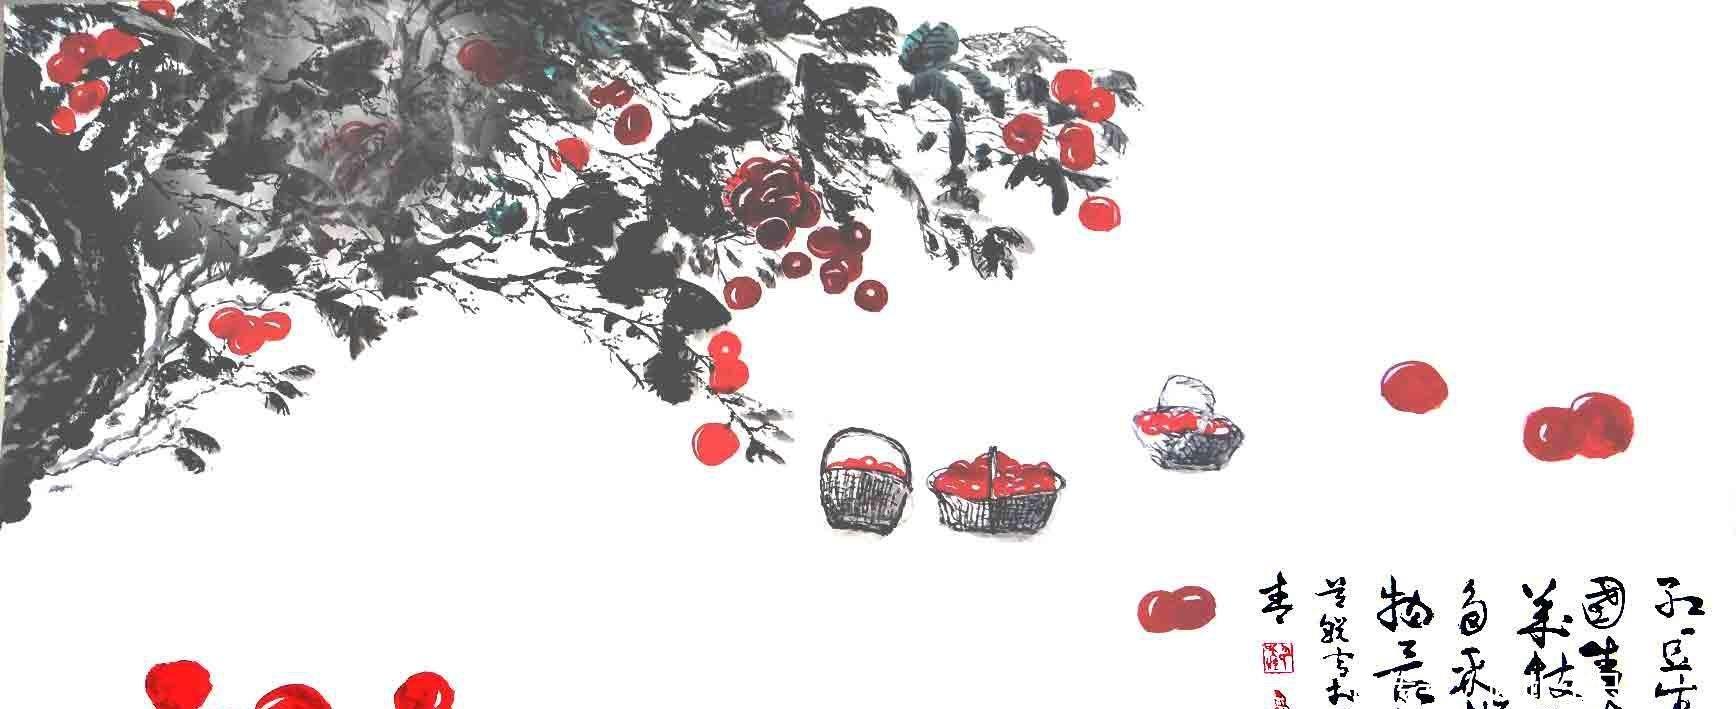 中国唱诗班《红豆》:愿君多采撷,此物最相思!